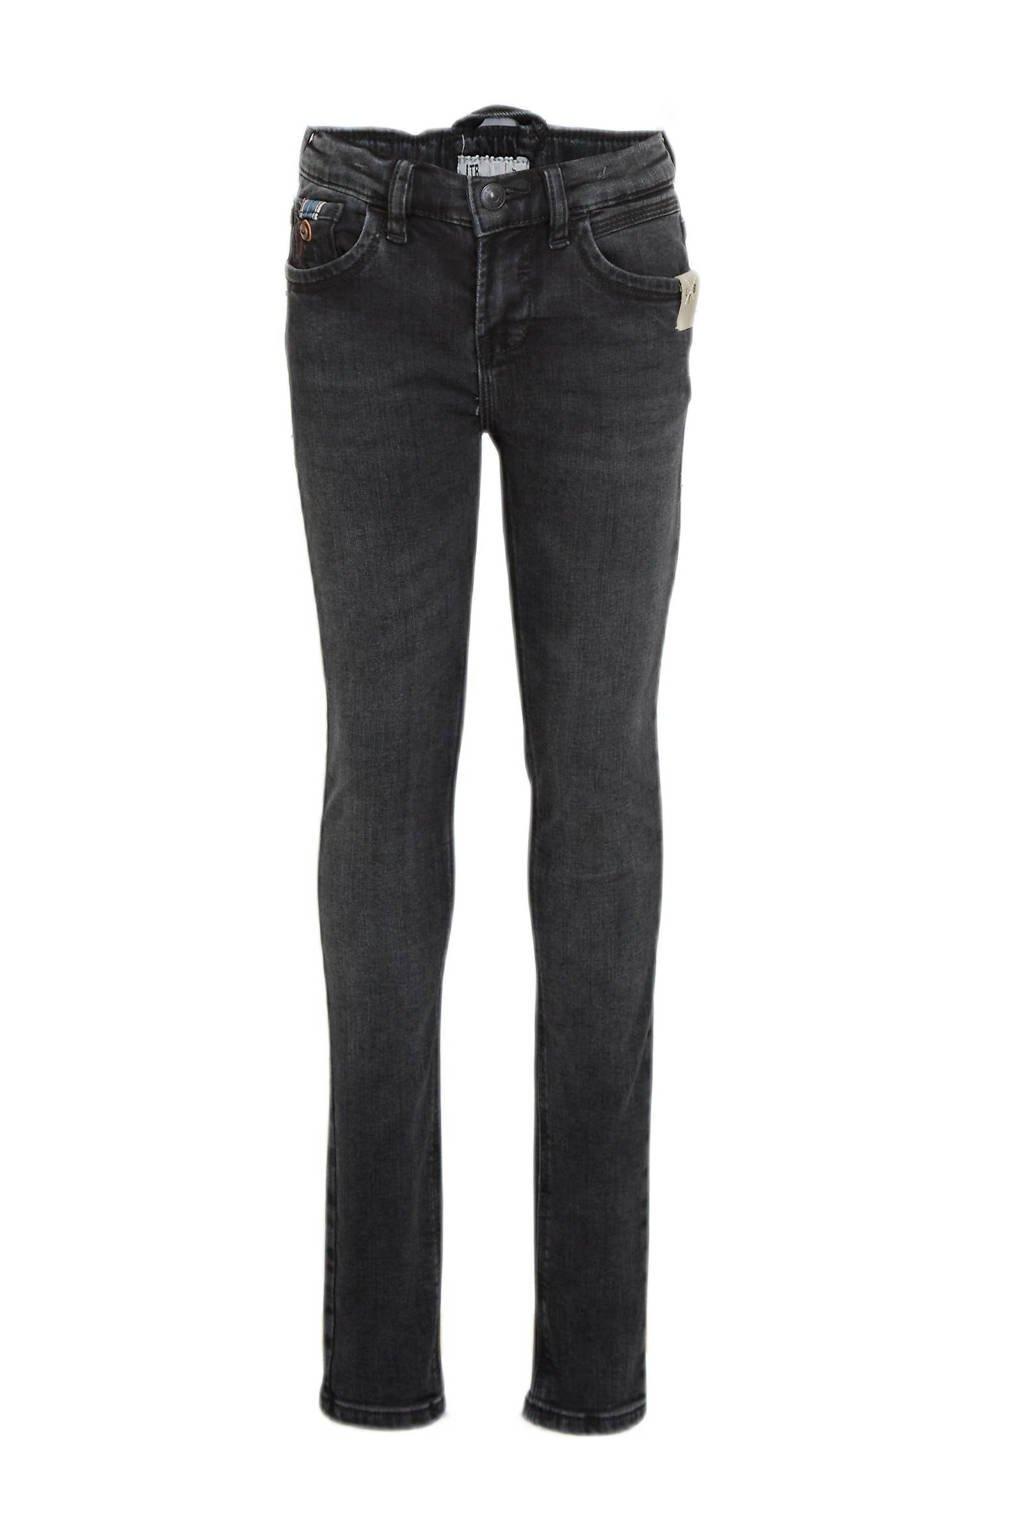 LTB skinny jeans Cayle senia undamaged wash, Senia undamaged wash